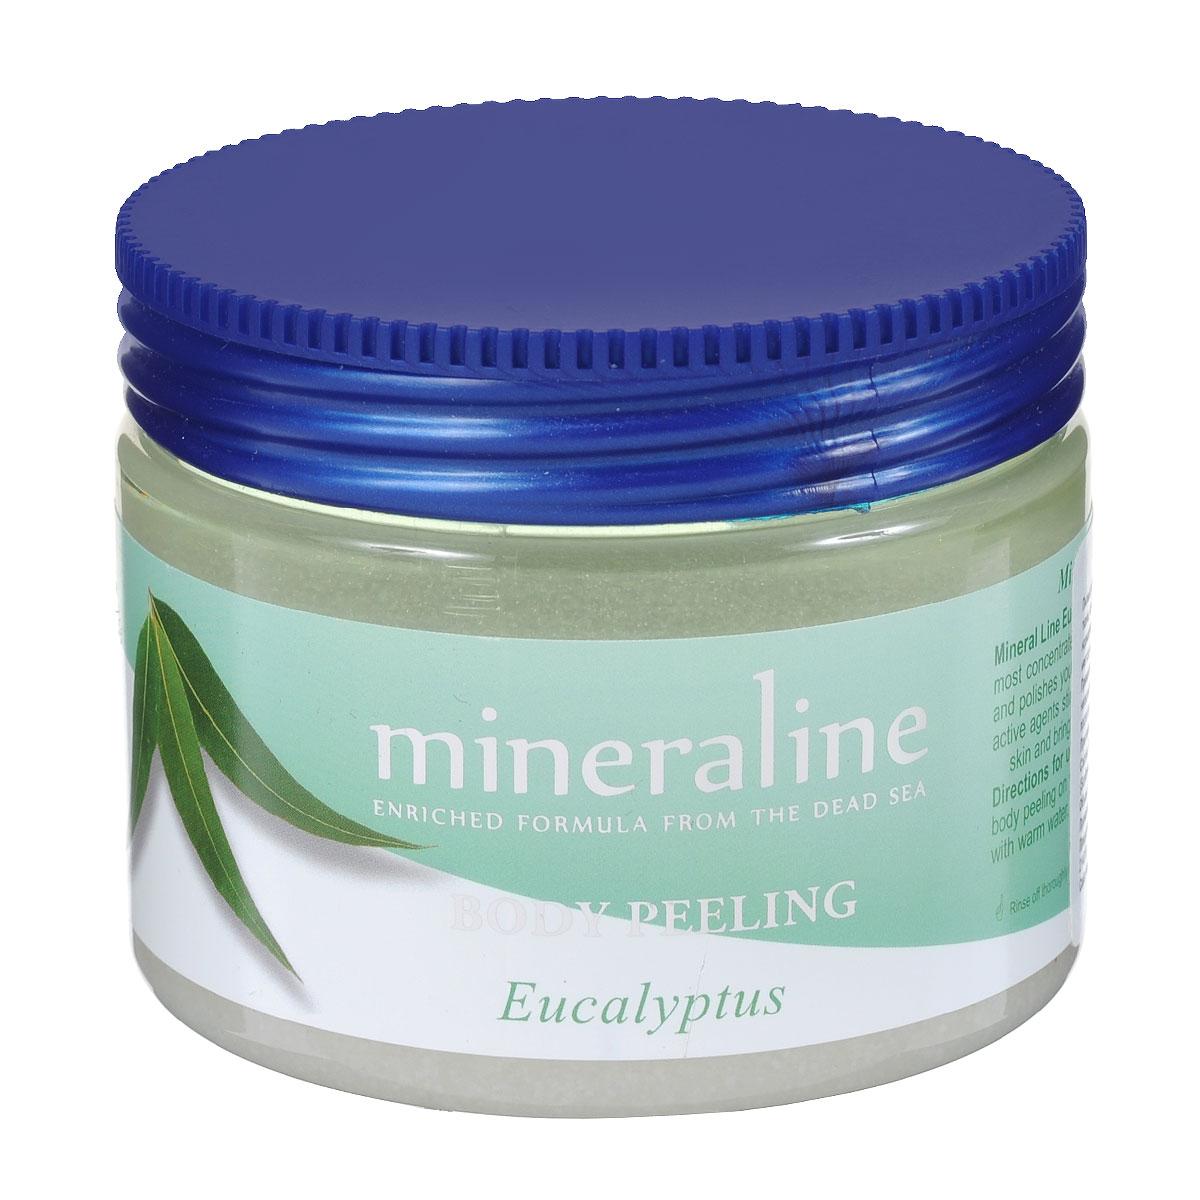 Mineraline Пилинг для тела Эвкалипт, 500 гFS-00897Пилинг для тела Mineraline очищает и полирует кожу, делая ее мягкой и бархатистой. Активные вещества стимулируют ткани, нежно очищают кожу от мертвых клеток, насыщая ее полезными микроэлементами и витаминами. Эвкалипт нормализует работу сальных желез, обладает противовоспалительным и обеззараживающим действием. Применяется для устранения различных кожных высыпаний и угрей. Товар сертифицирован.